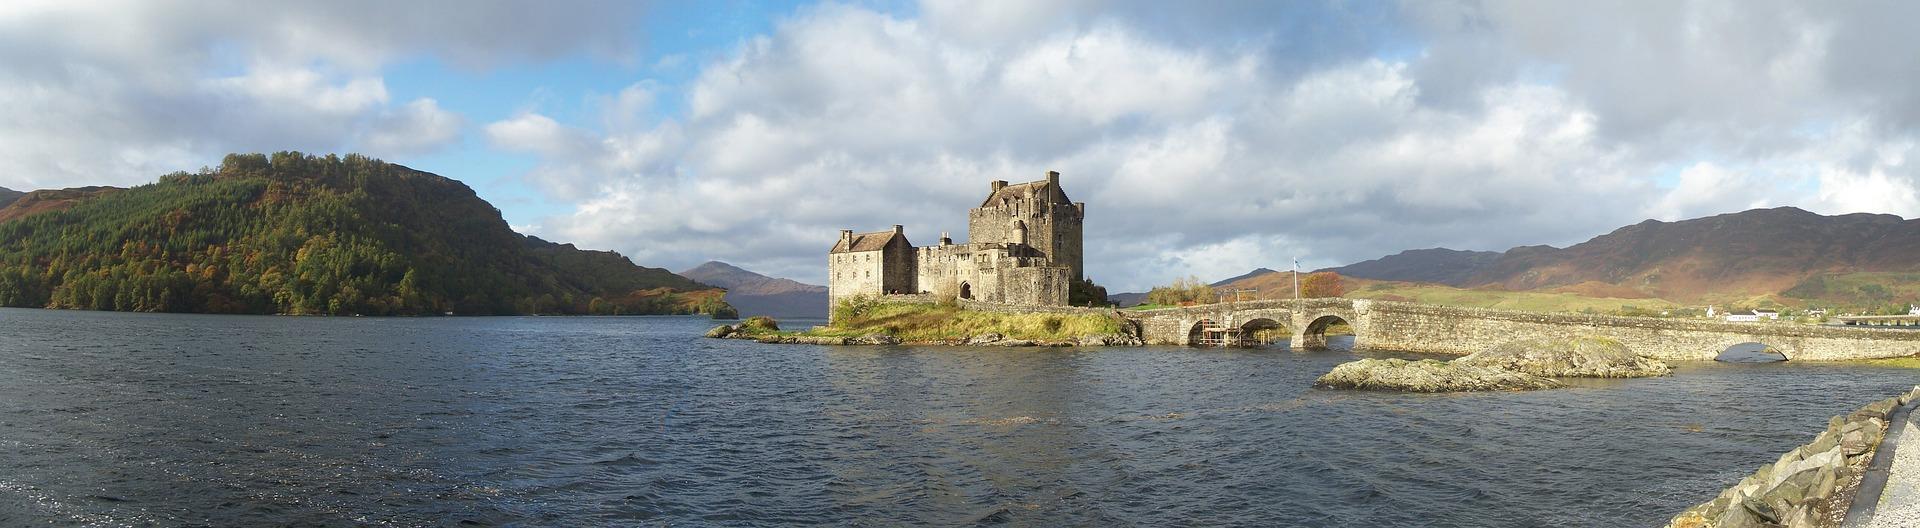 Schottland, Eilean Donan Castle, Großbritannien